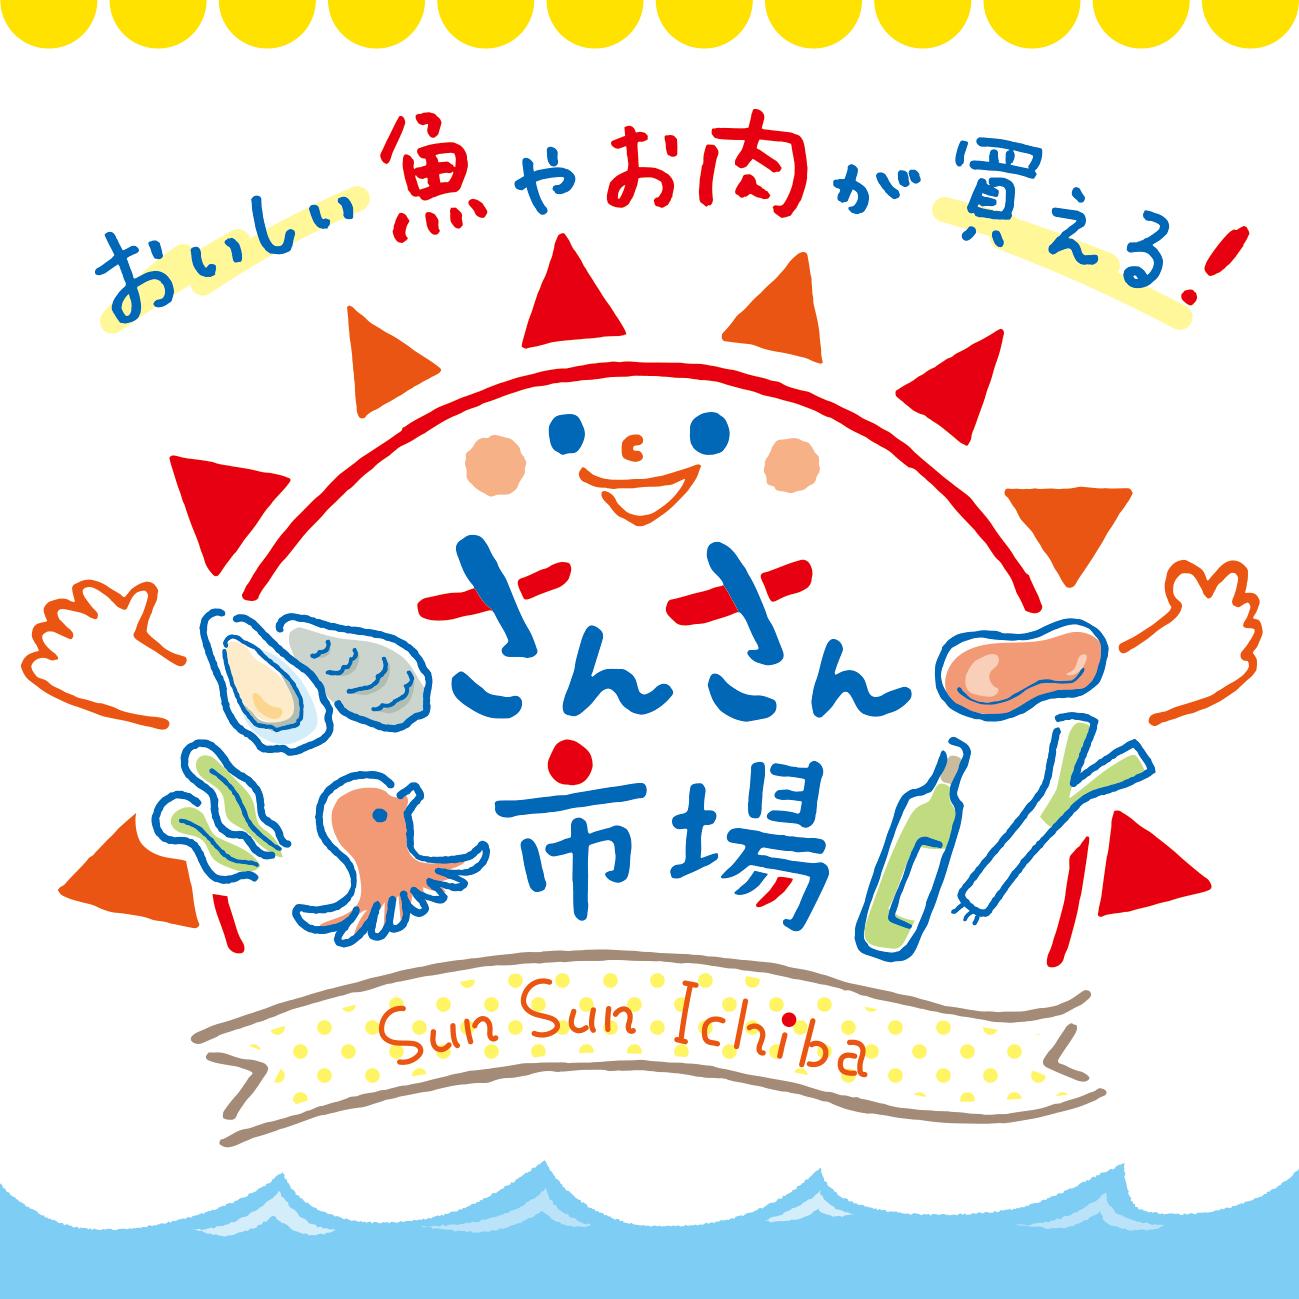 さんさん市場/Sun cafe